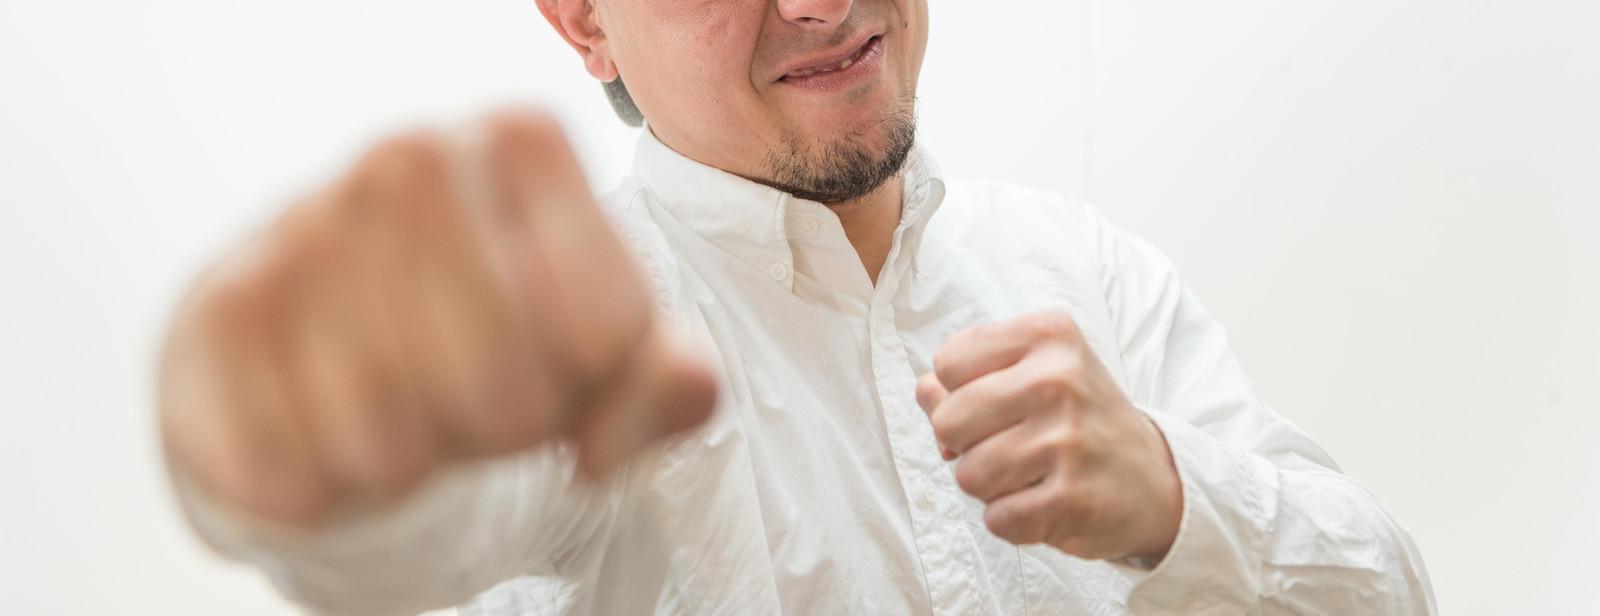 現場監督のパワハラの具体例10選【パワハラを受けた場合の対処法】